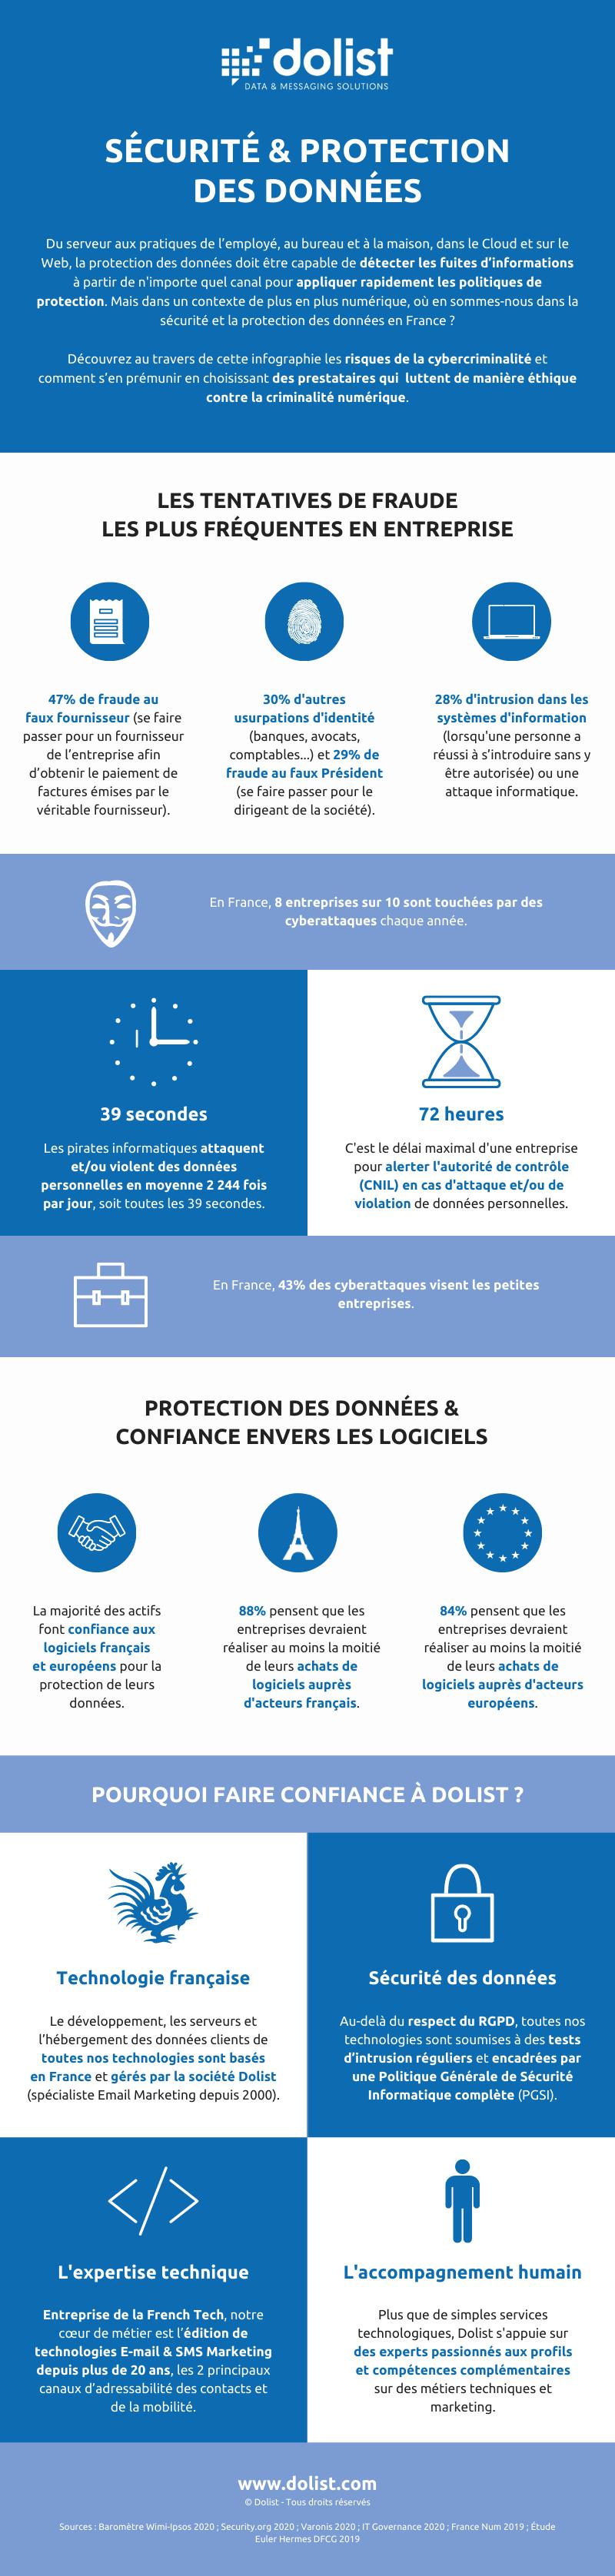 Infographie | Cybersécurité : ce qu'il faut savoir sur la protection des données